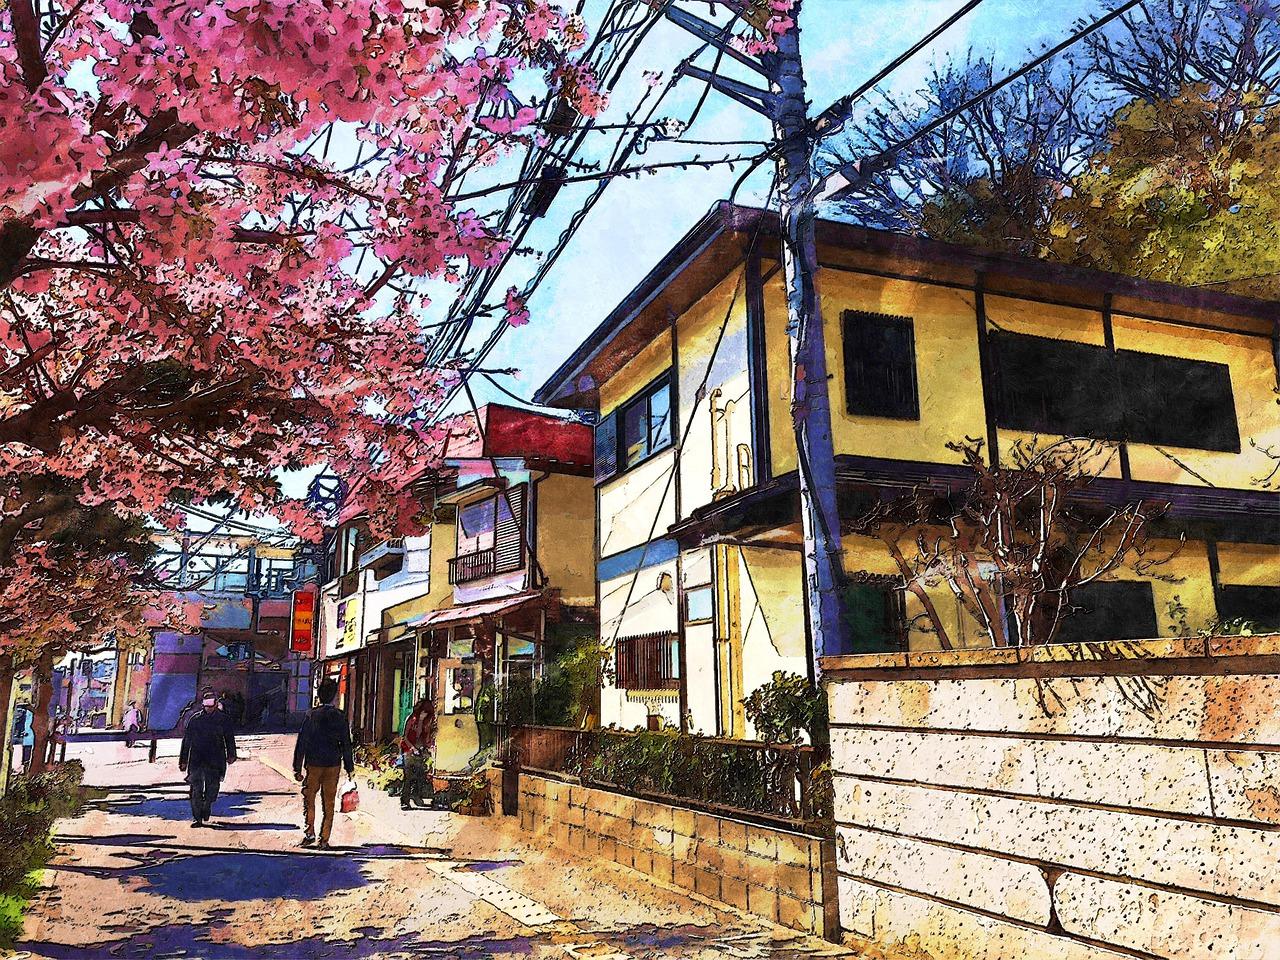 タサン志麻の自宅の場所は葛飾区のどこ?古民家をリフォームしたキッチンが素敵!